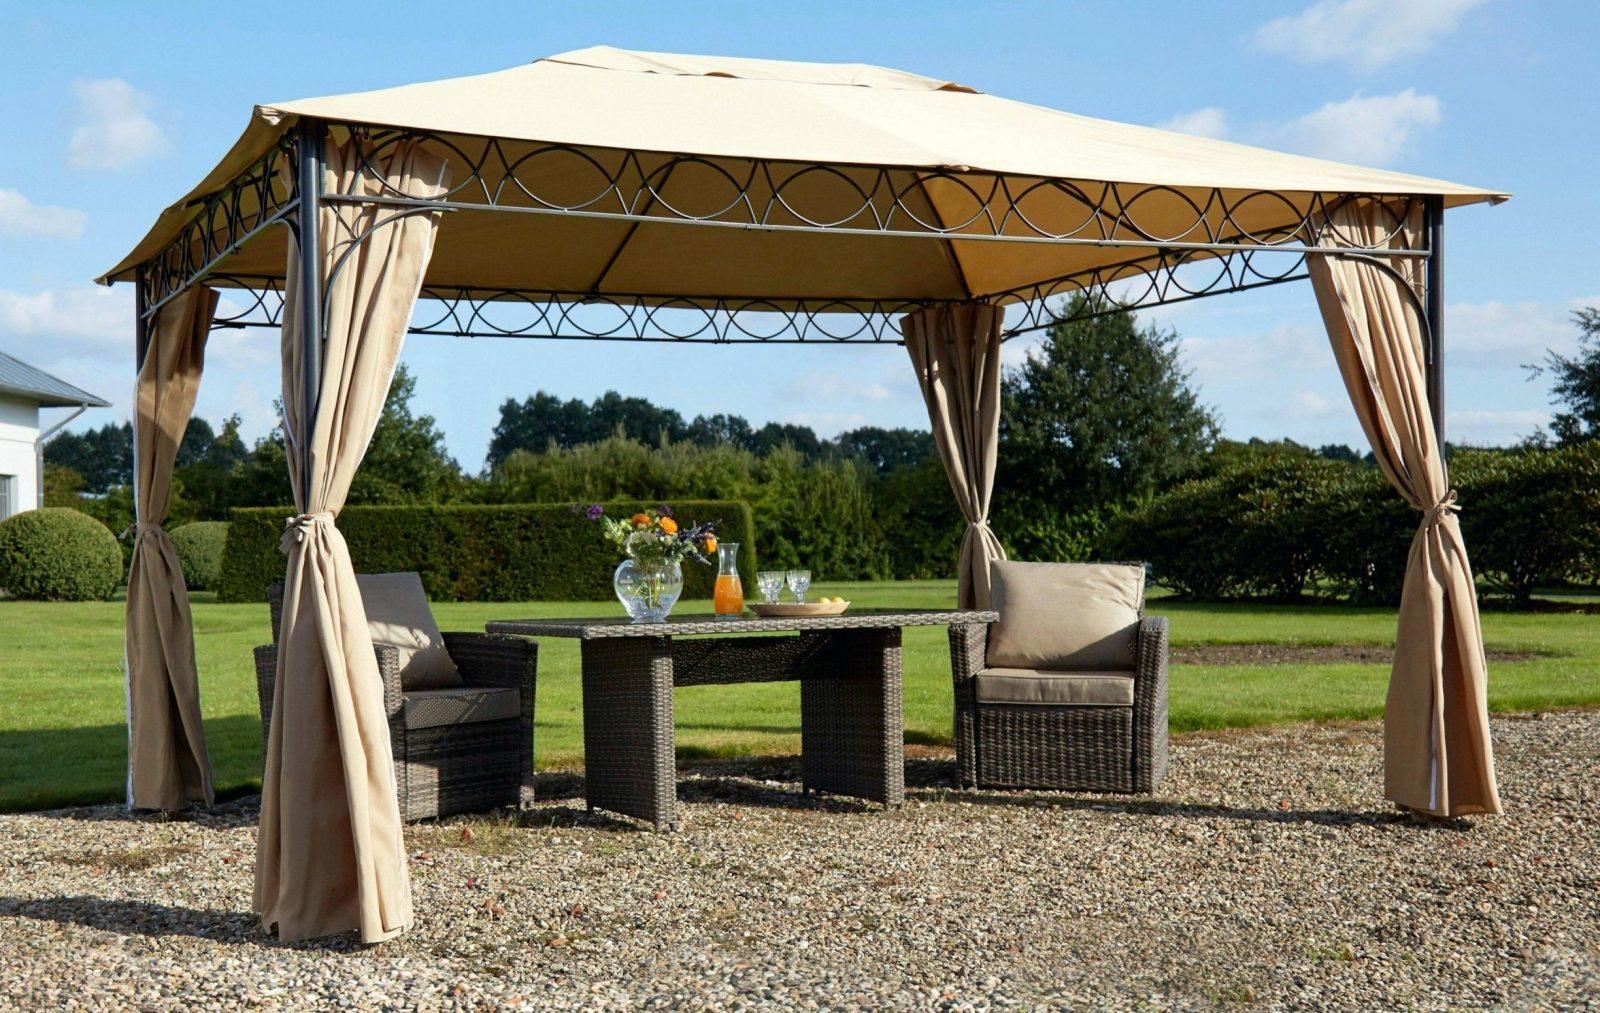 Holz Pavillon 3X4 Selber Bauen Für Designideen Pavillon 3X4 Festes Dach von Holz Pavillon 3X4 Selber Bauen Photo